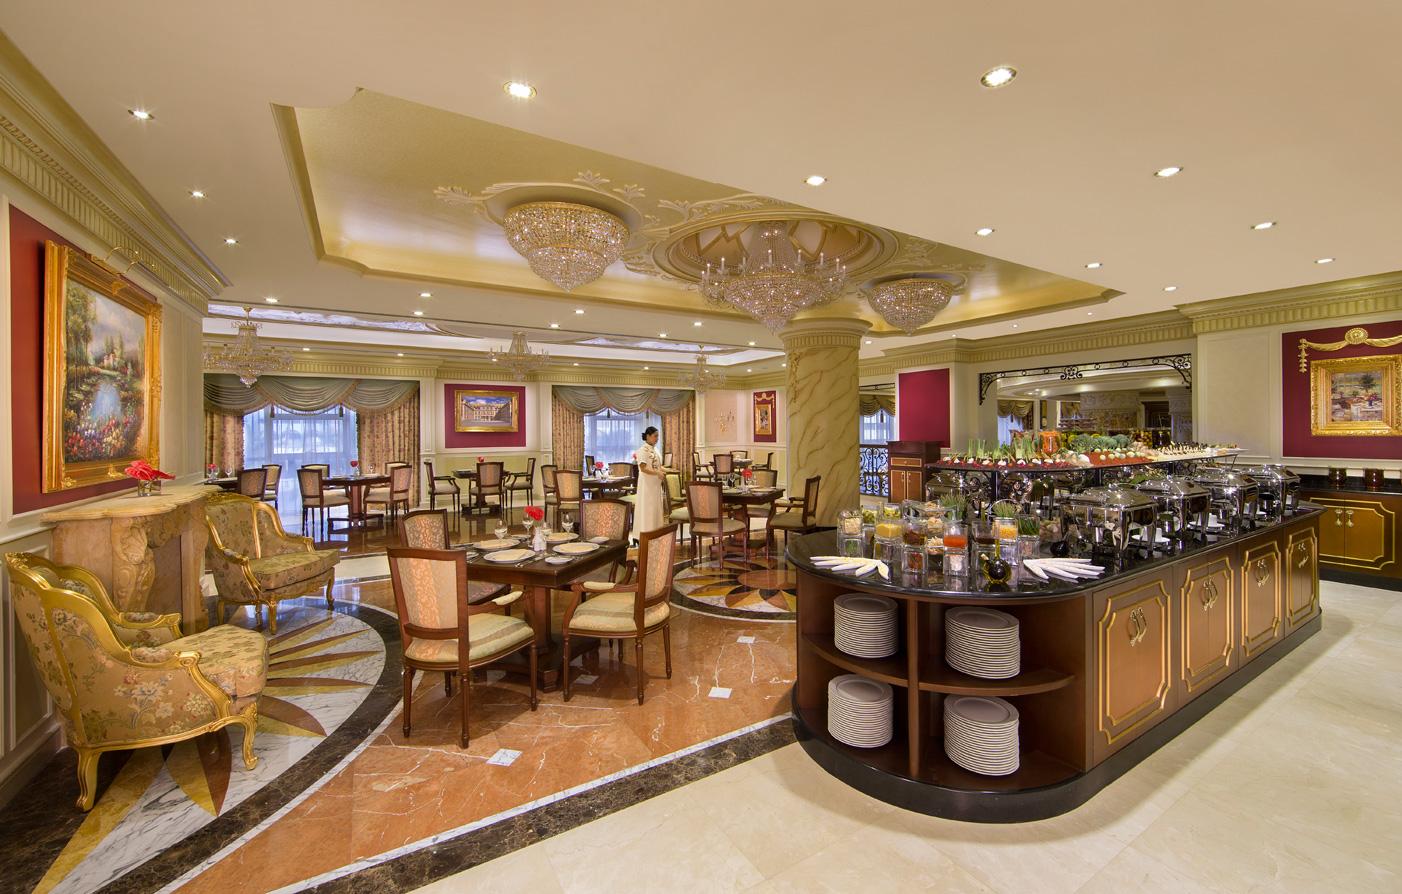 abu dhabi restaurants royal rose hotel five star abu dhabi hotel. Black Bedroom Furniture Sets. Home Design Ideas